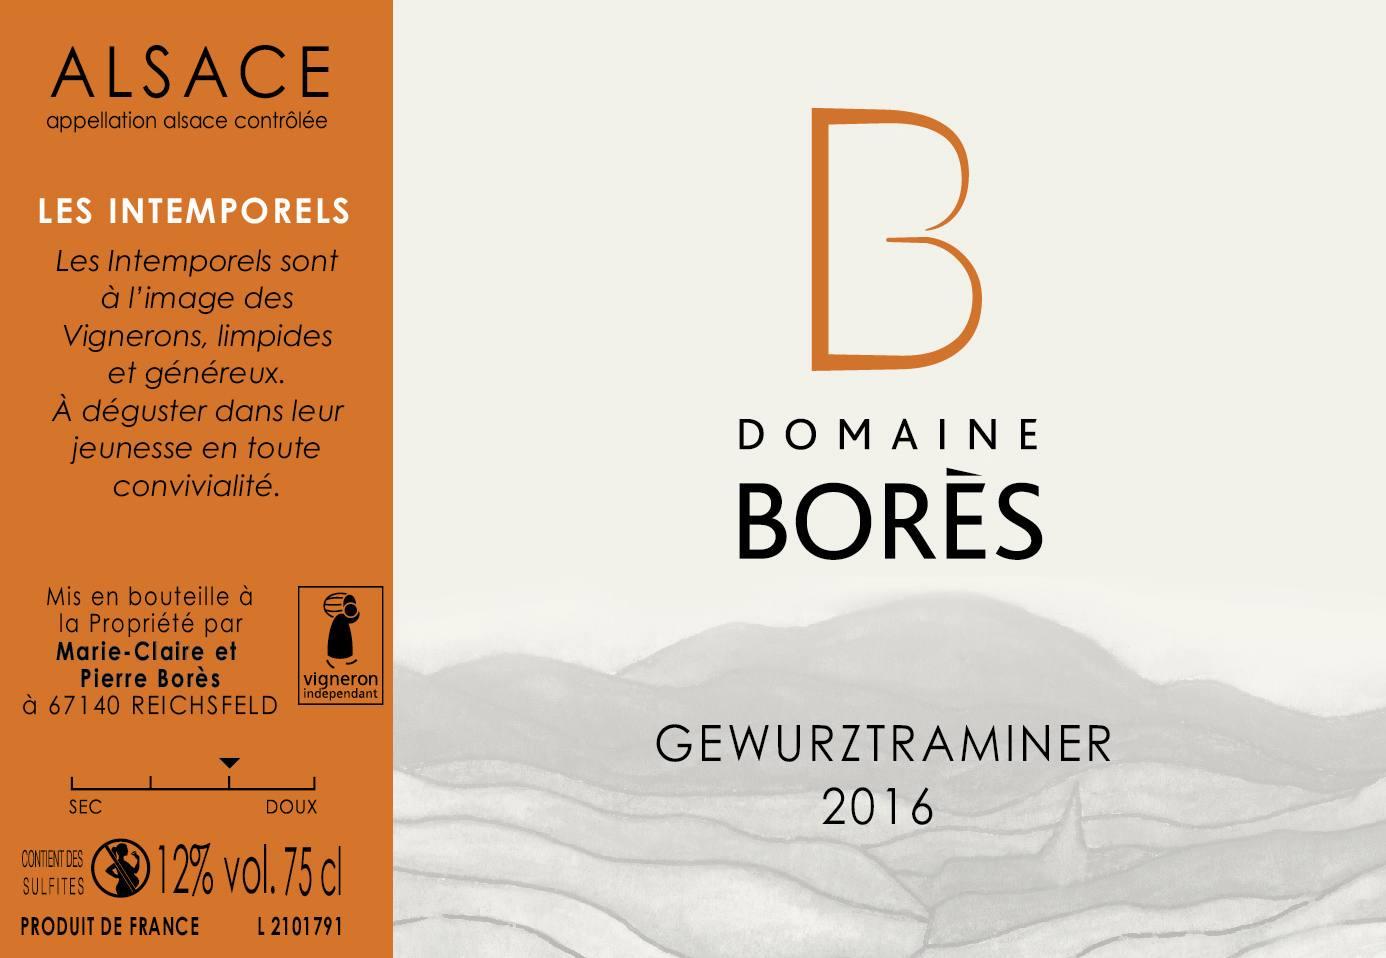 Etiquette vin alsace gewurztraminer 2016 Domaine Borès